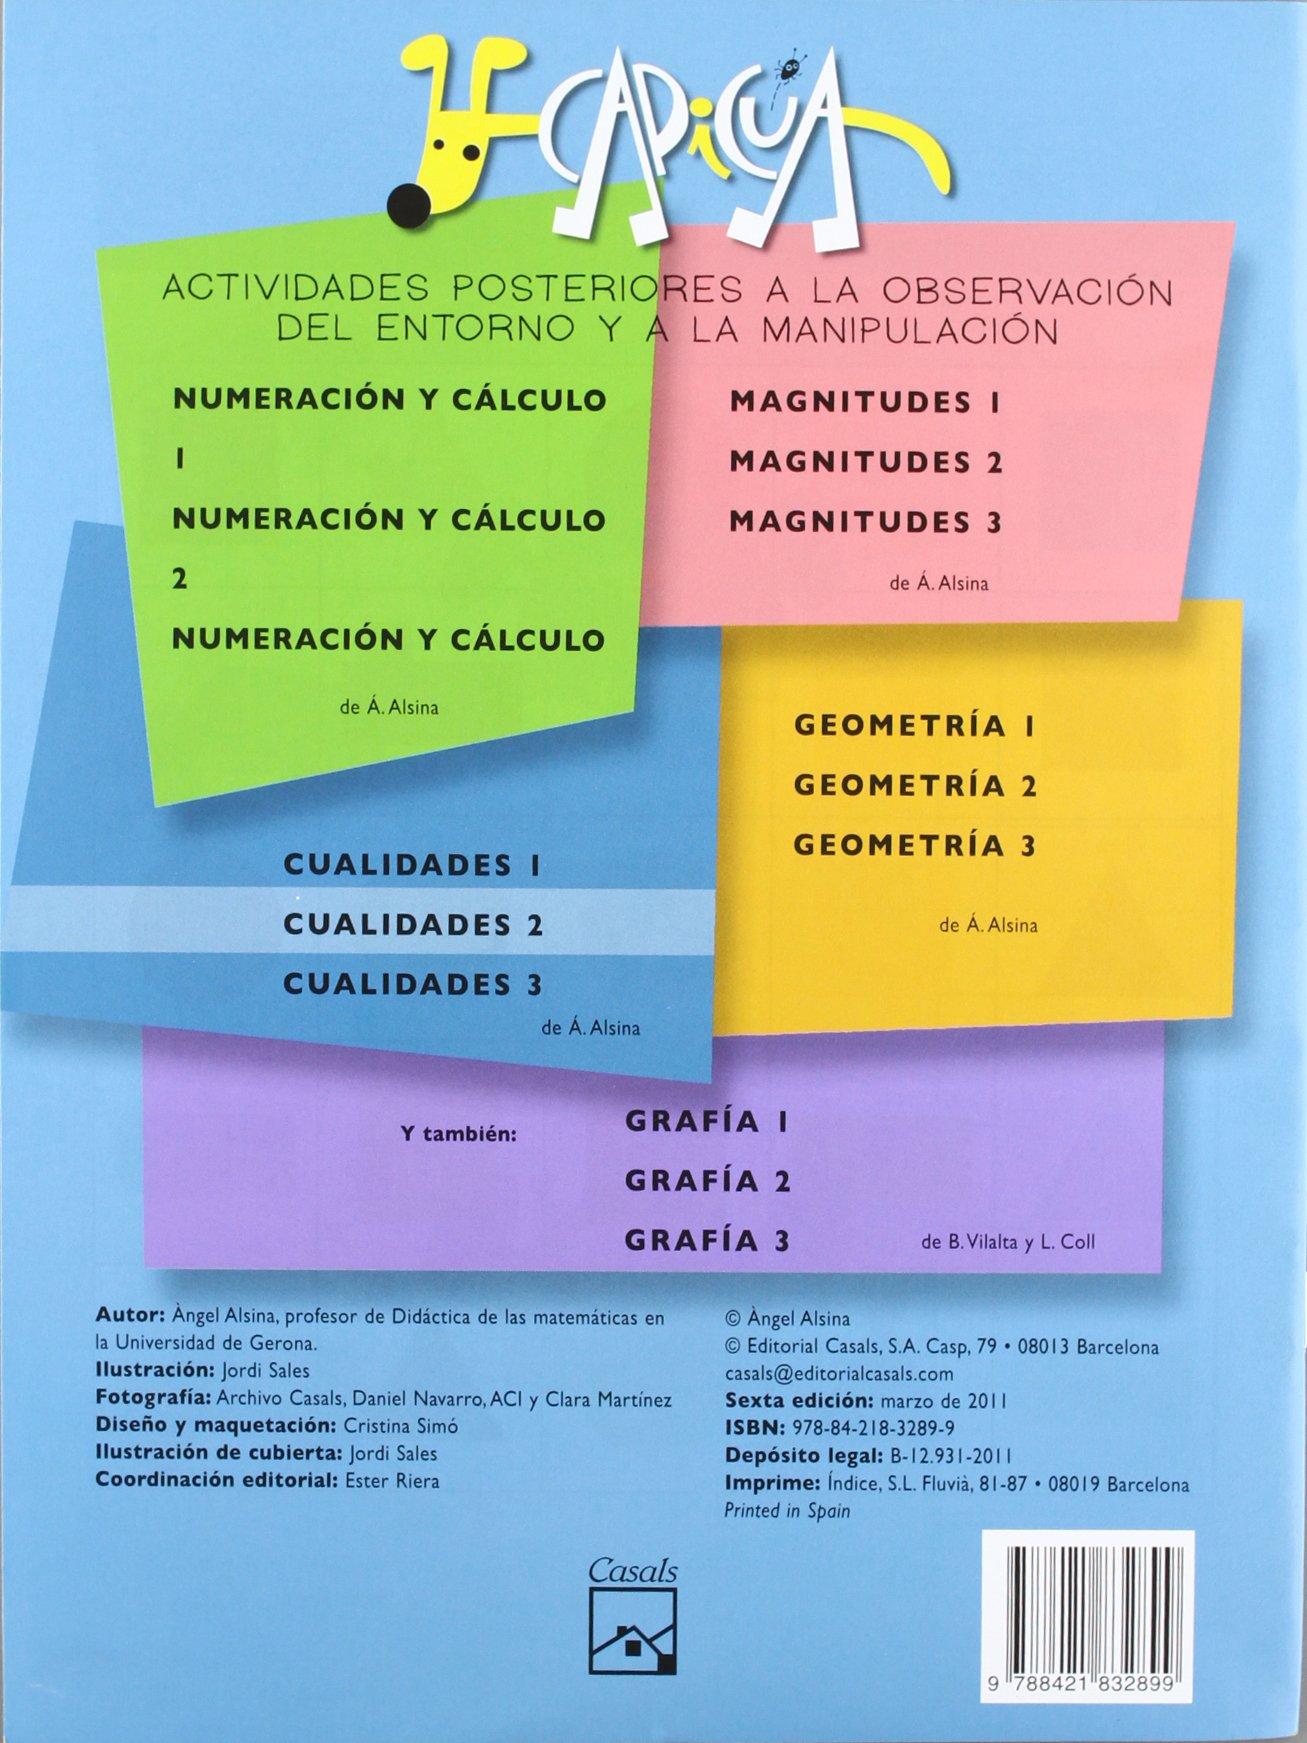 Cuadernos Capicúa. Cualidades 2 - 9788421832899: Amazon.es: Àngel Alsina  Pastells, Jordi Sales Roqueta: Libros